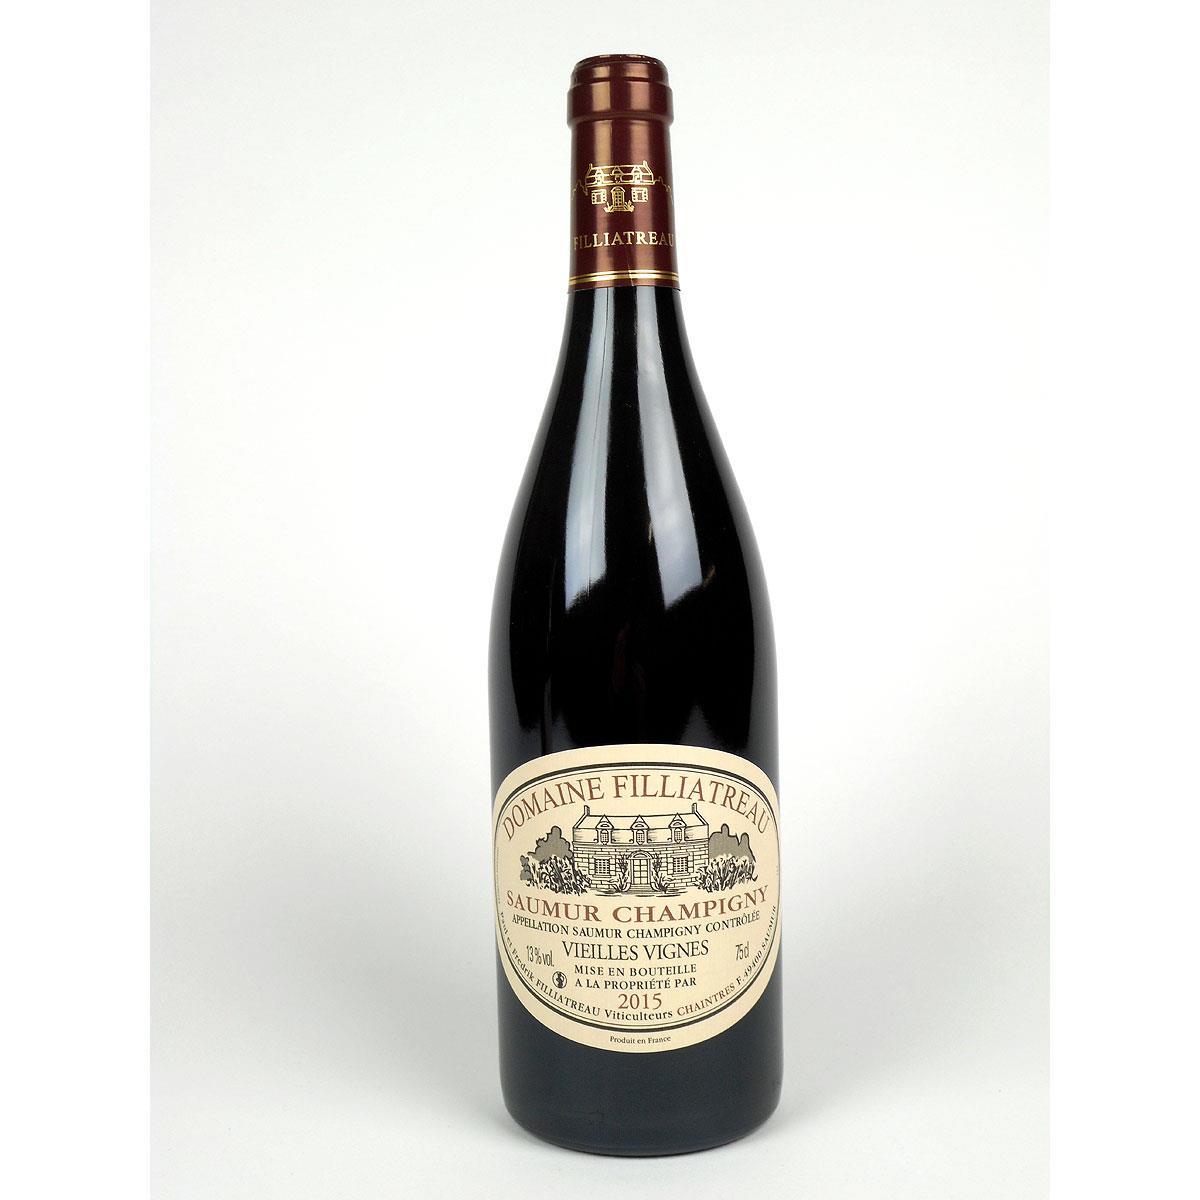 Saumur Champigny: Domaine Filliatreau 'Vieilles Vignes' 2015 - Bottle